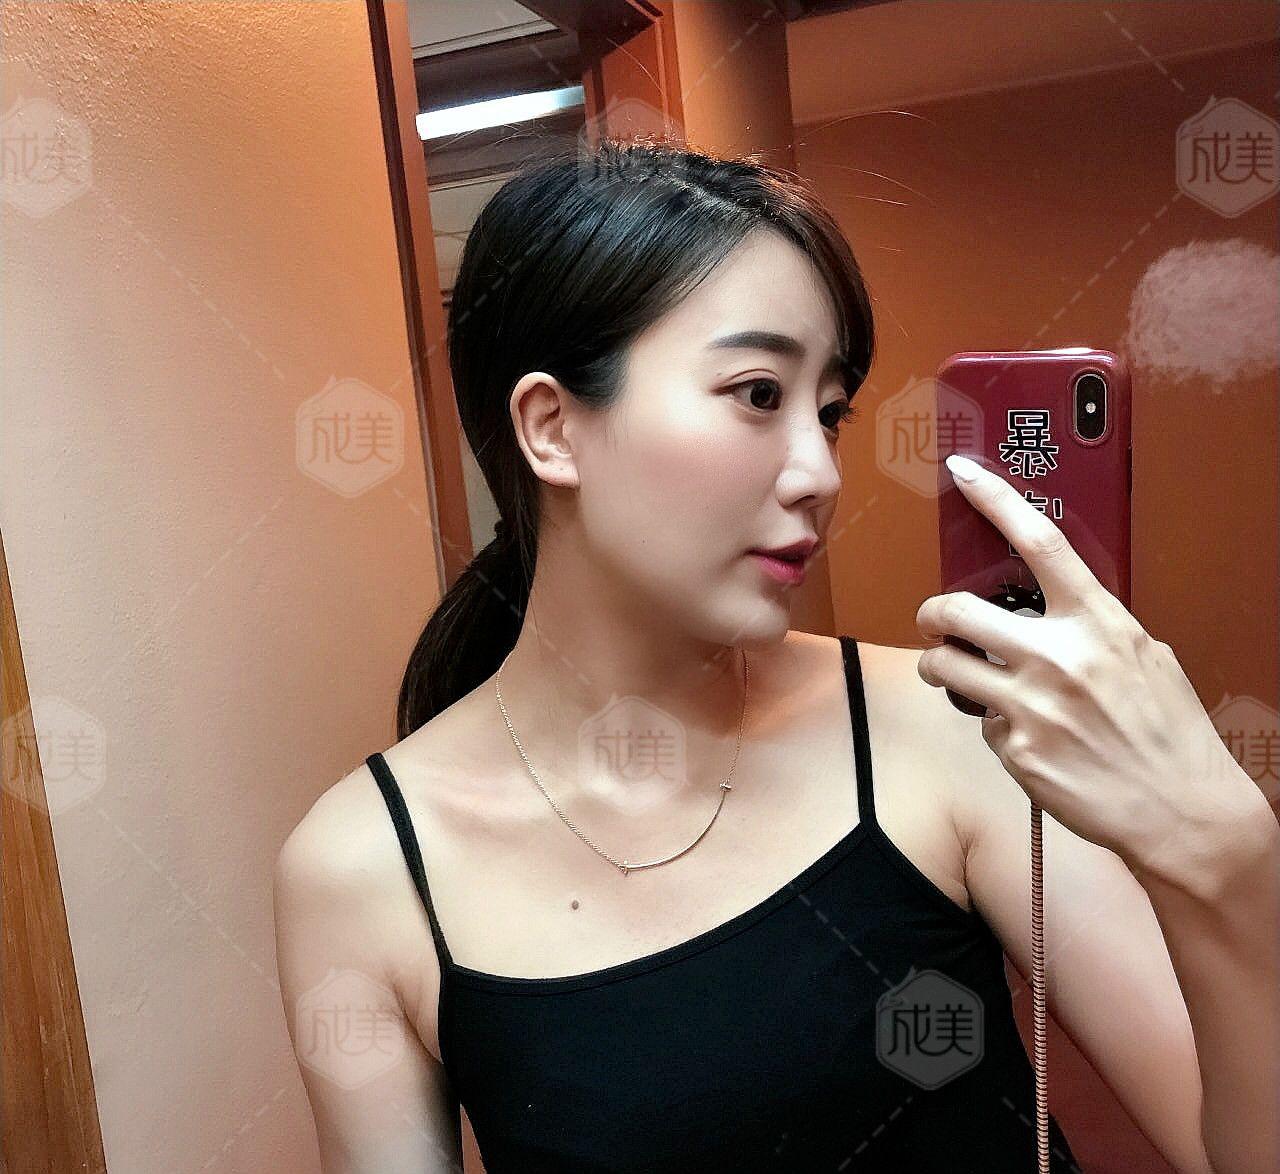 二十岁的时候觉得自己很年轻嘛,不用护肤保养照样满脸胶原蛋白,连防晒都懒得涂,现在觉得保养抗衰还是越早越好,然后会发现自己比同龄人年轻好多。